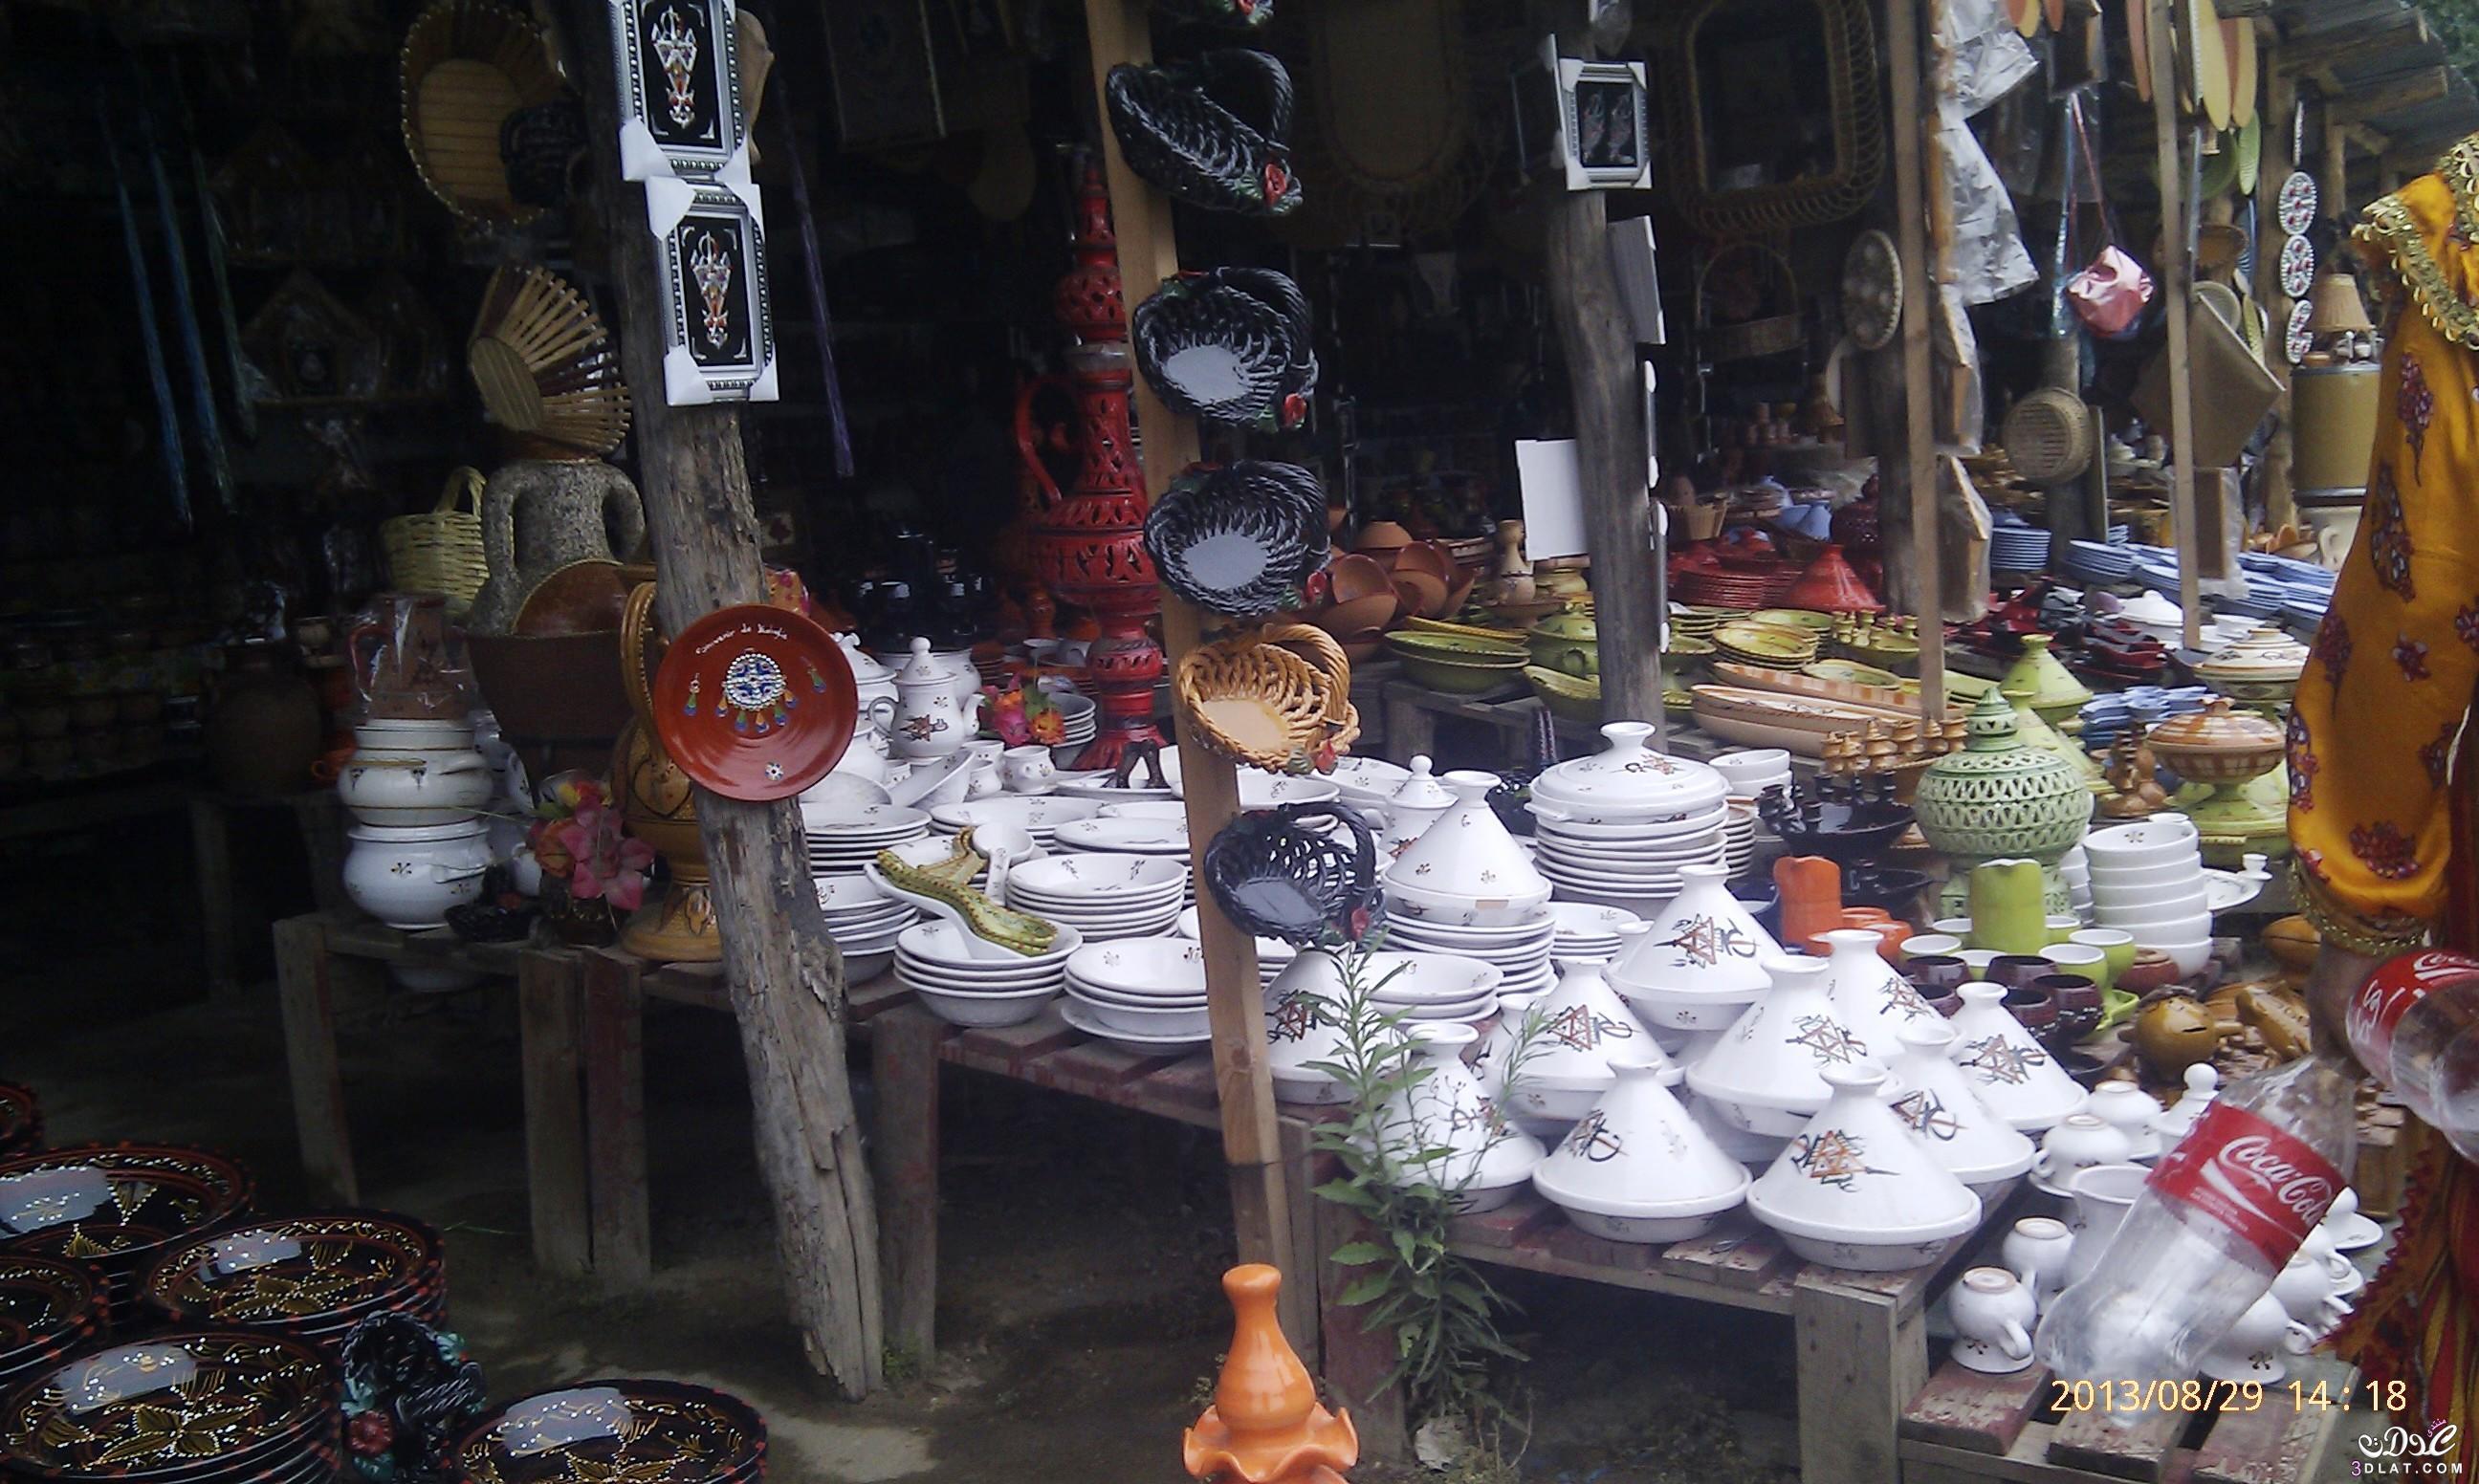 أواني فخارية من تصويري ,صور أواني للمطبخ من الفخار 3dlat.com_23_2014)3.